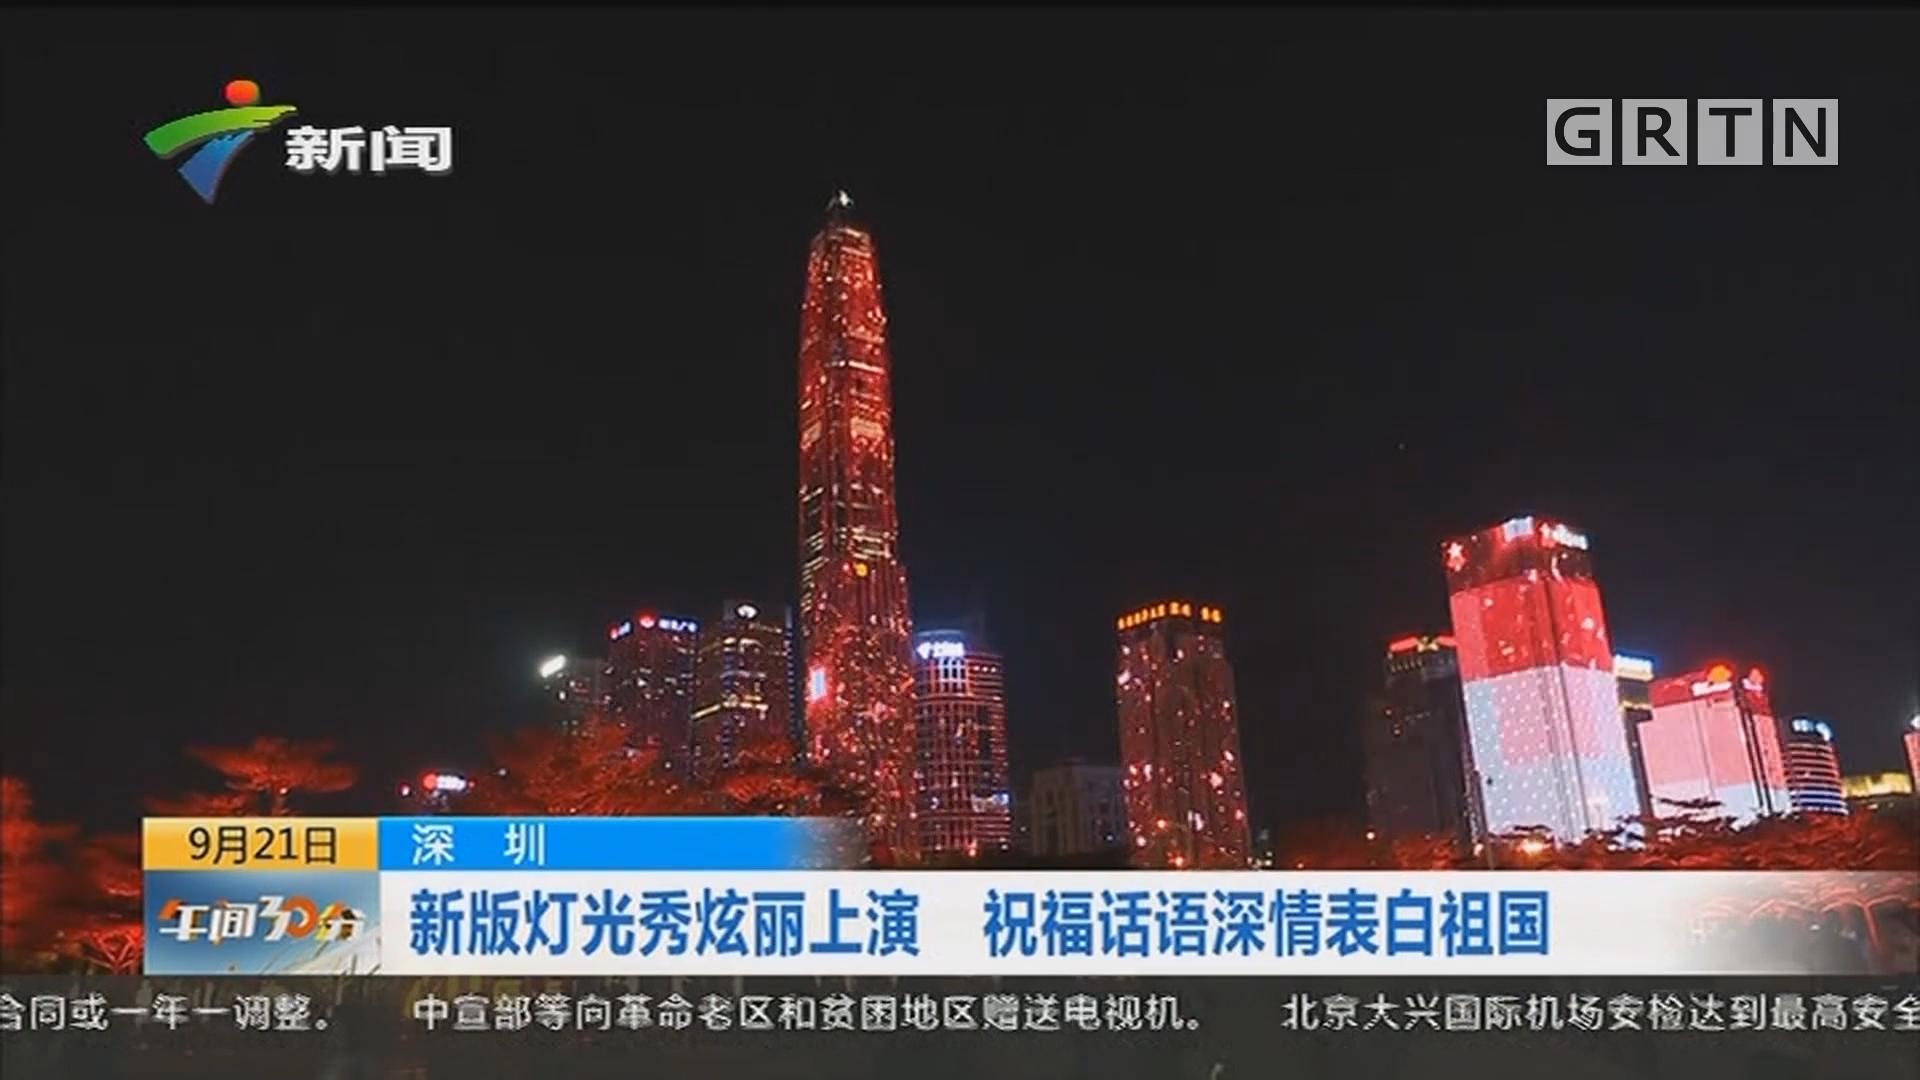 深圳:新版灯光秀炫丽上演 祝福话语深情表白祖国